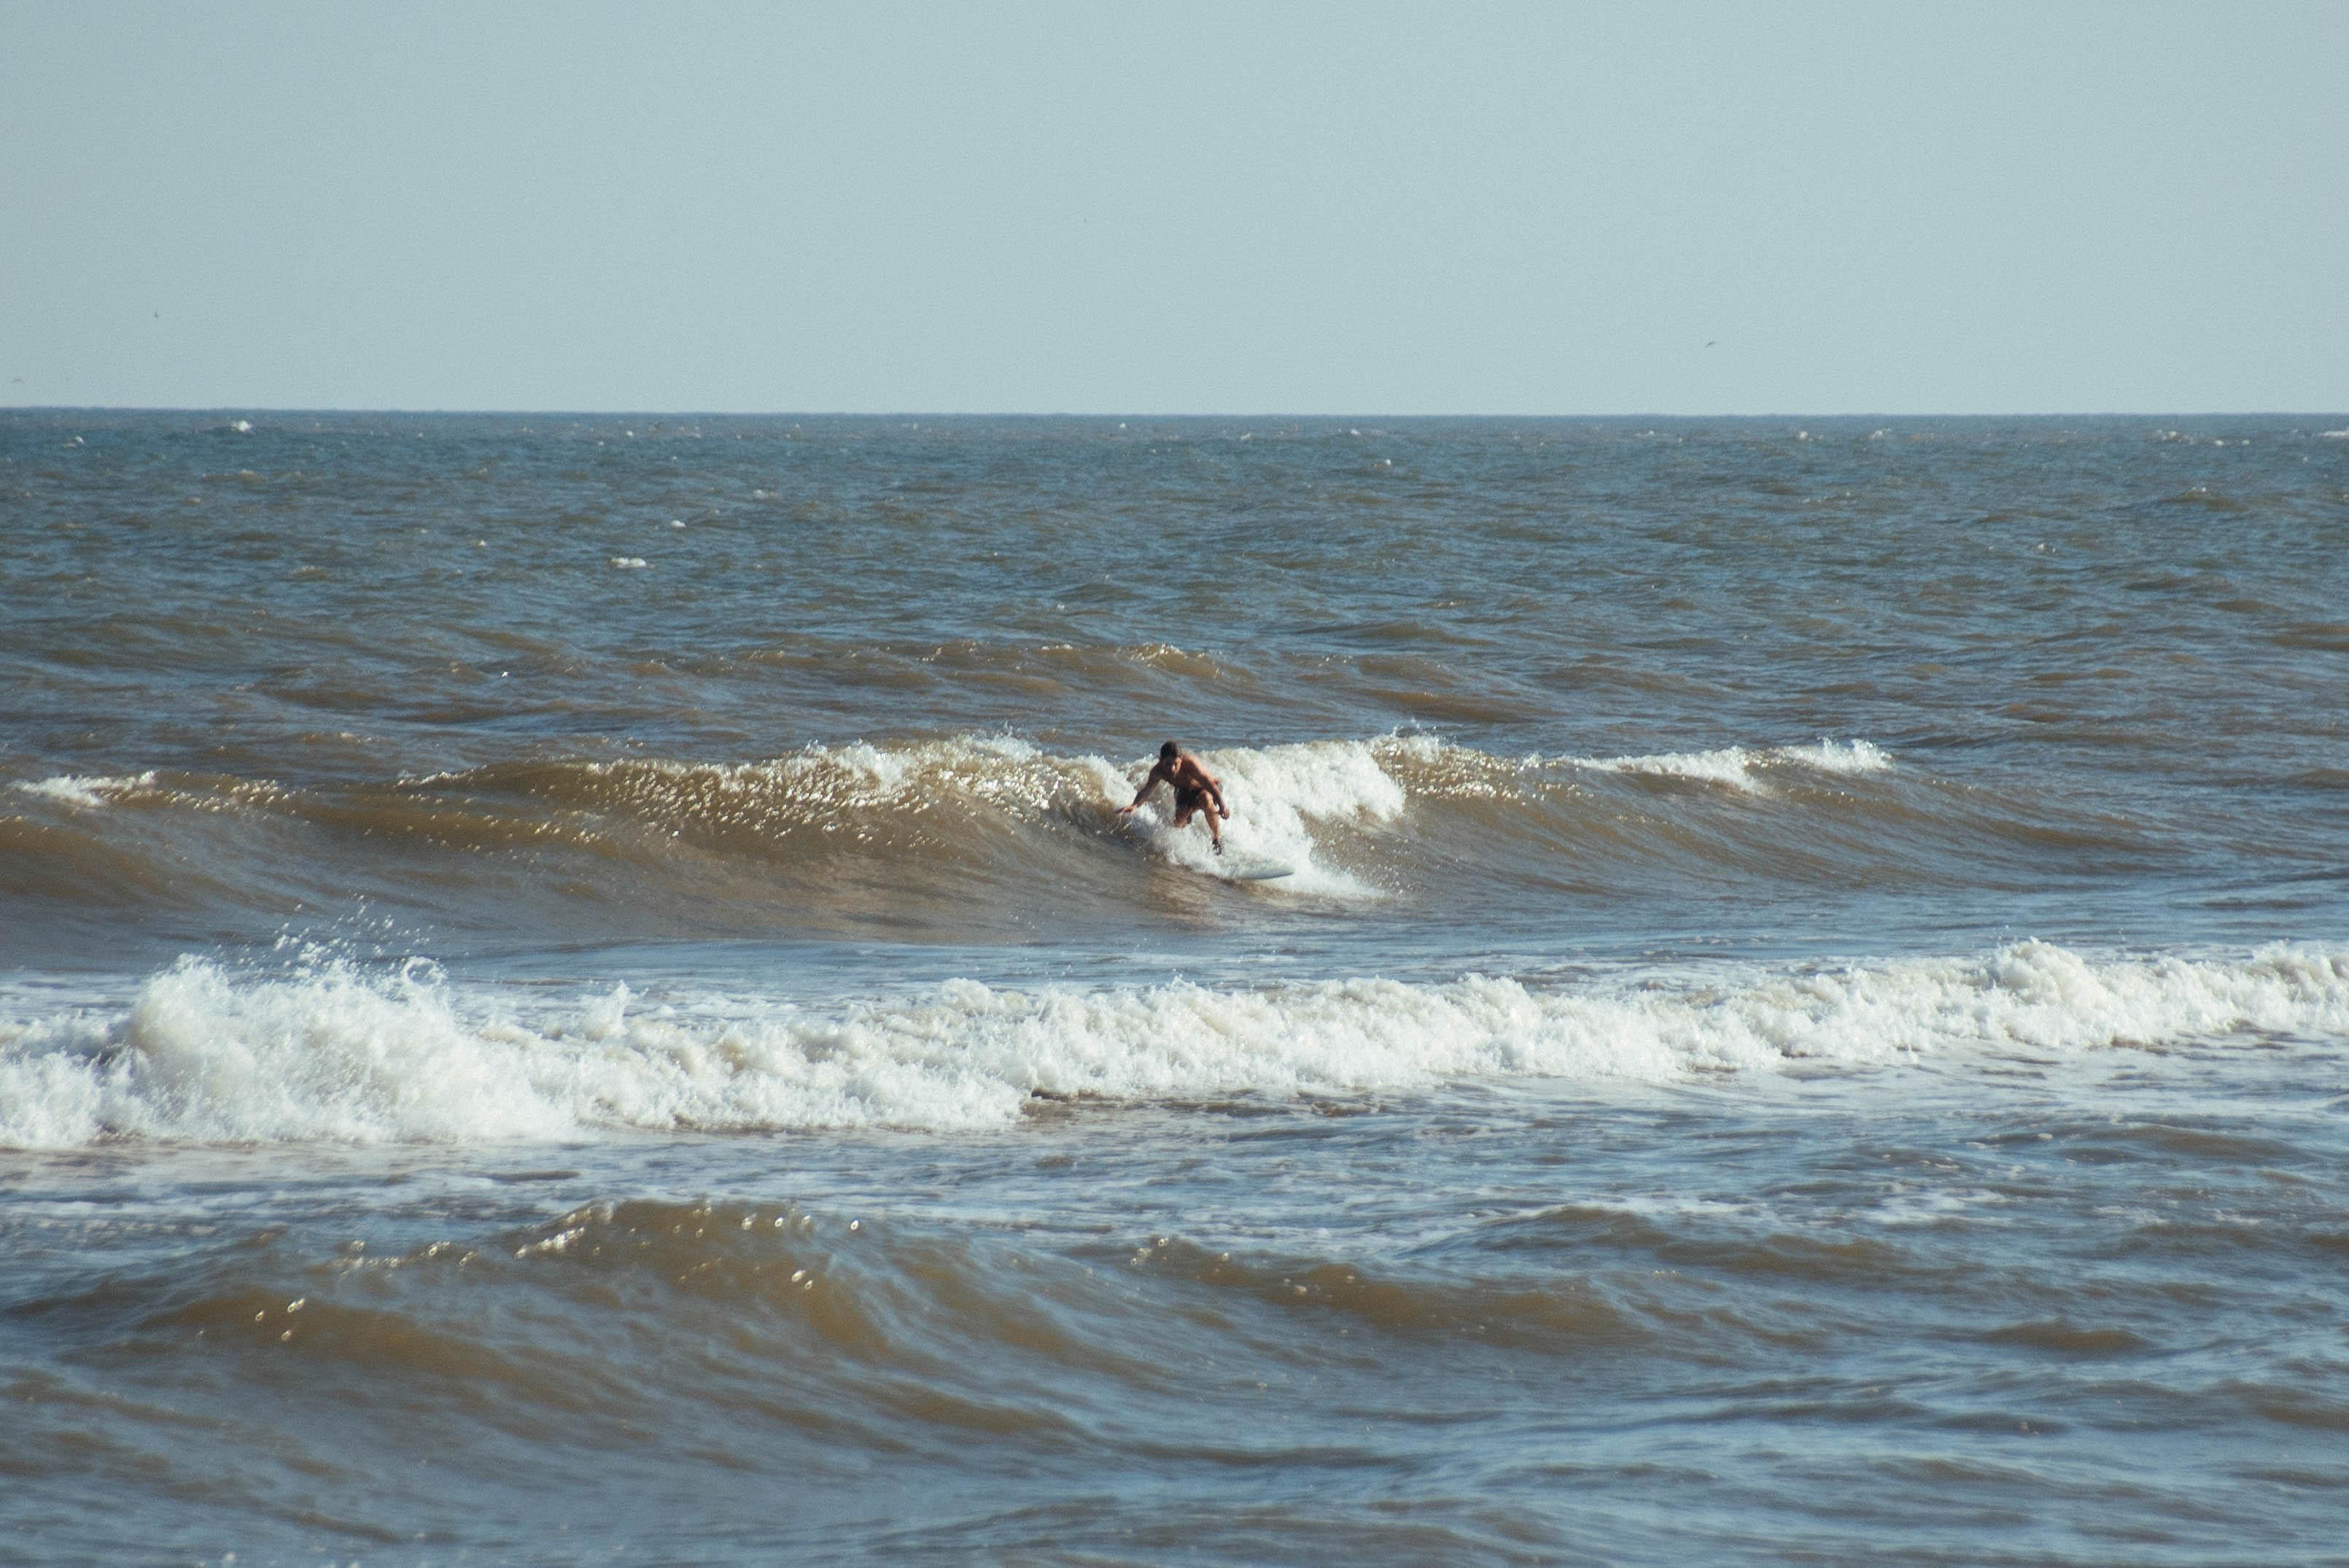 surfing in surfside